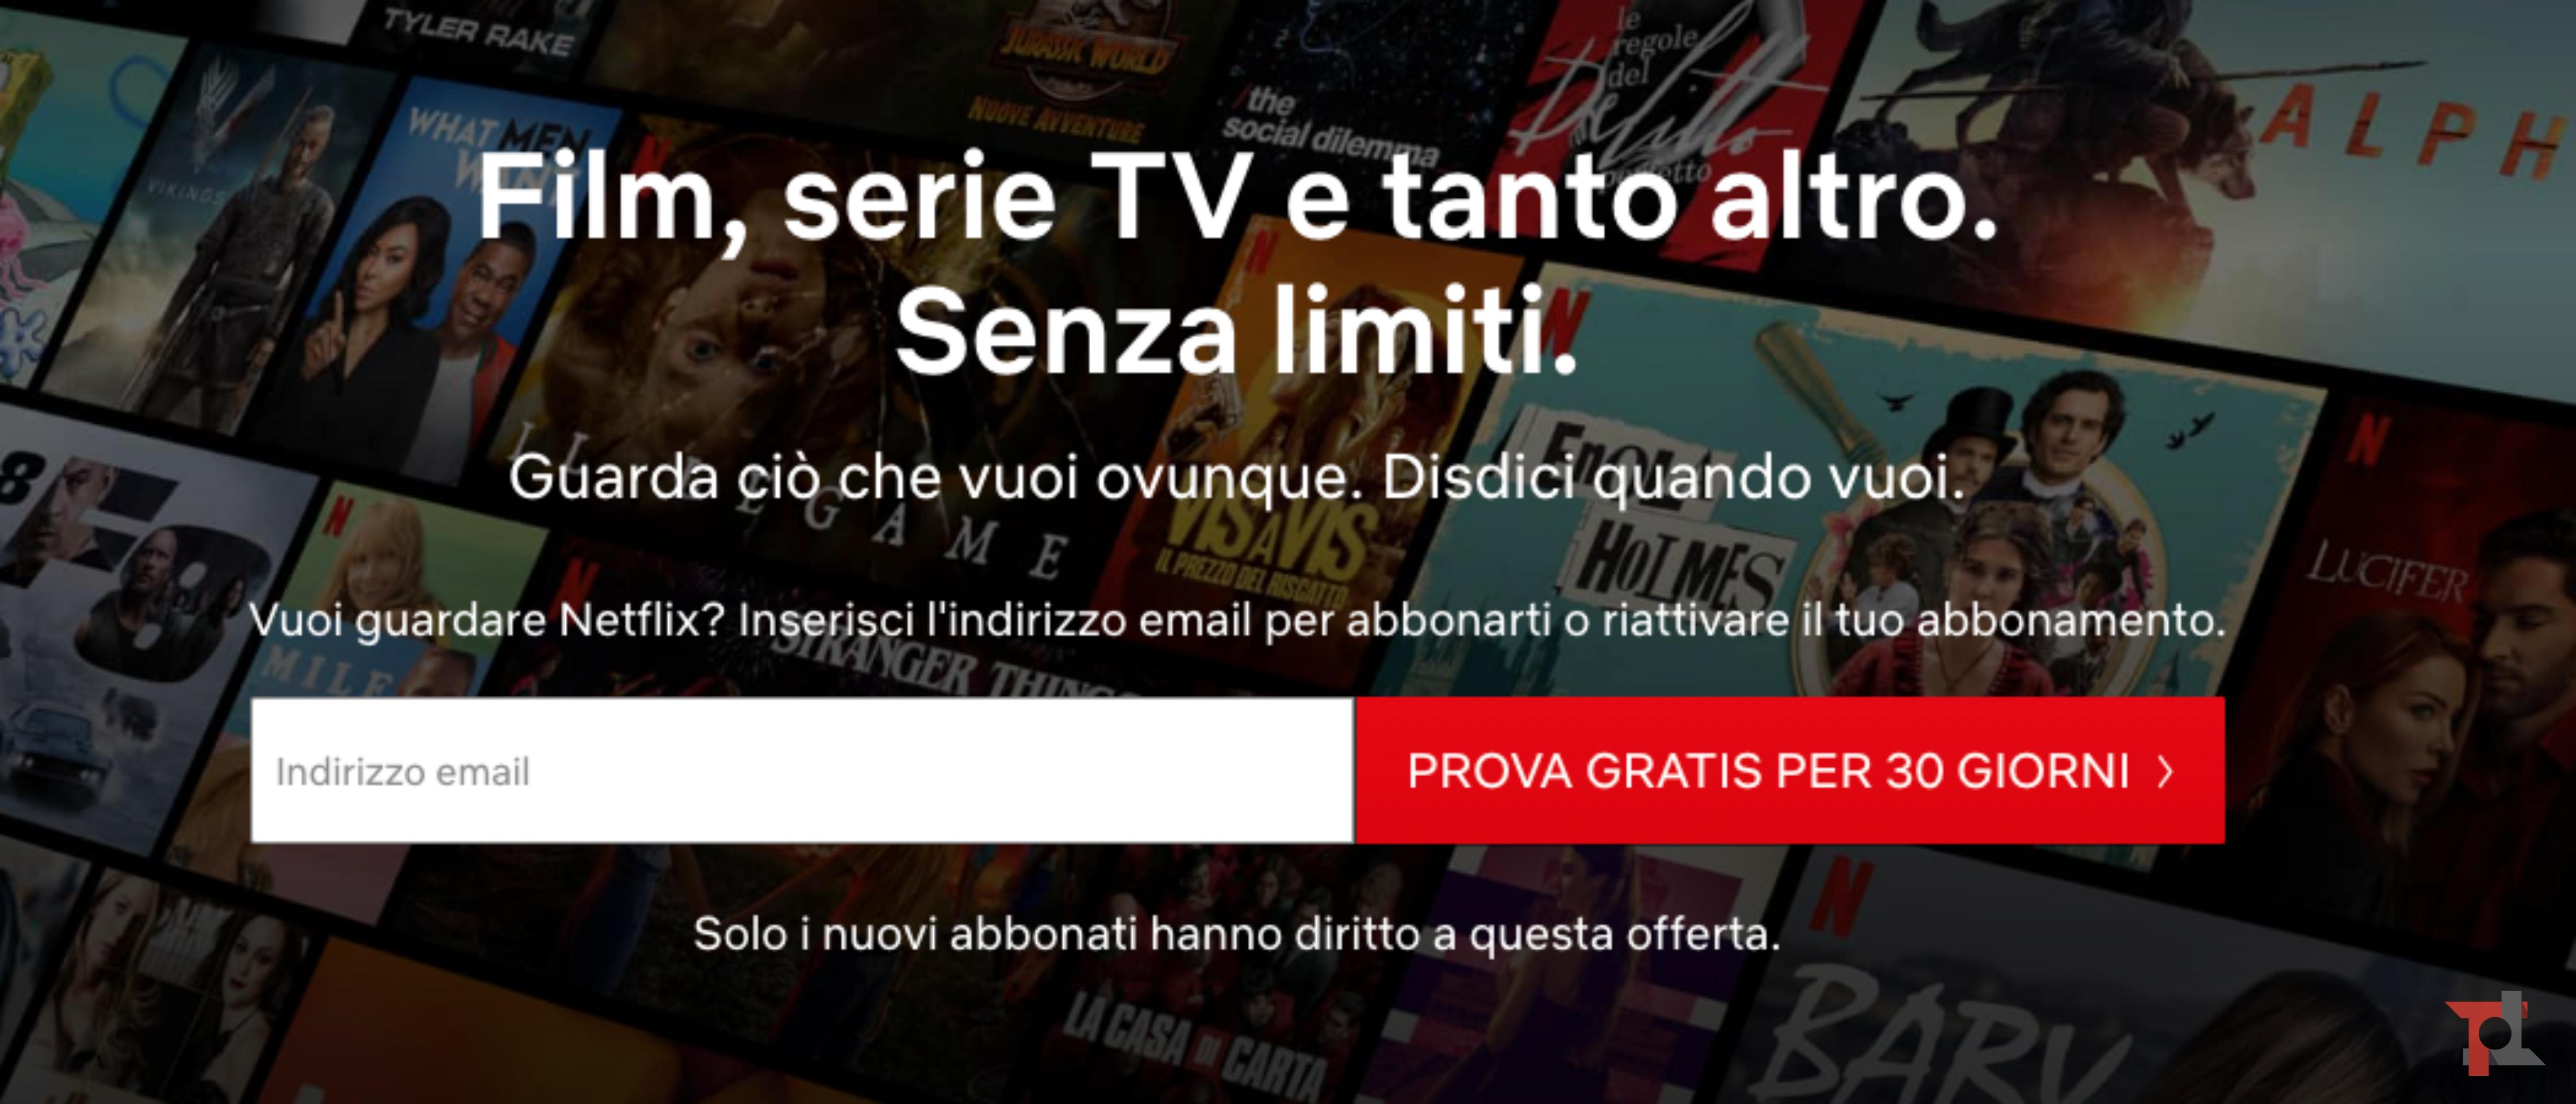 Netflix propone offerte vantaggiose ai nuovi iscritti 1